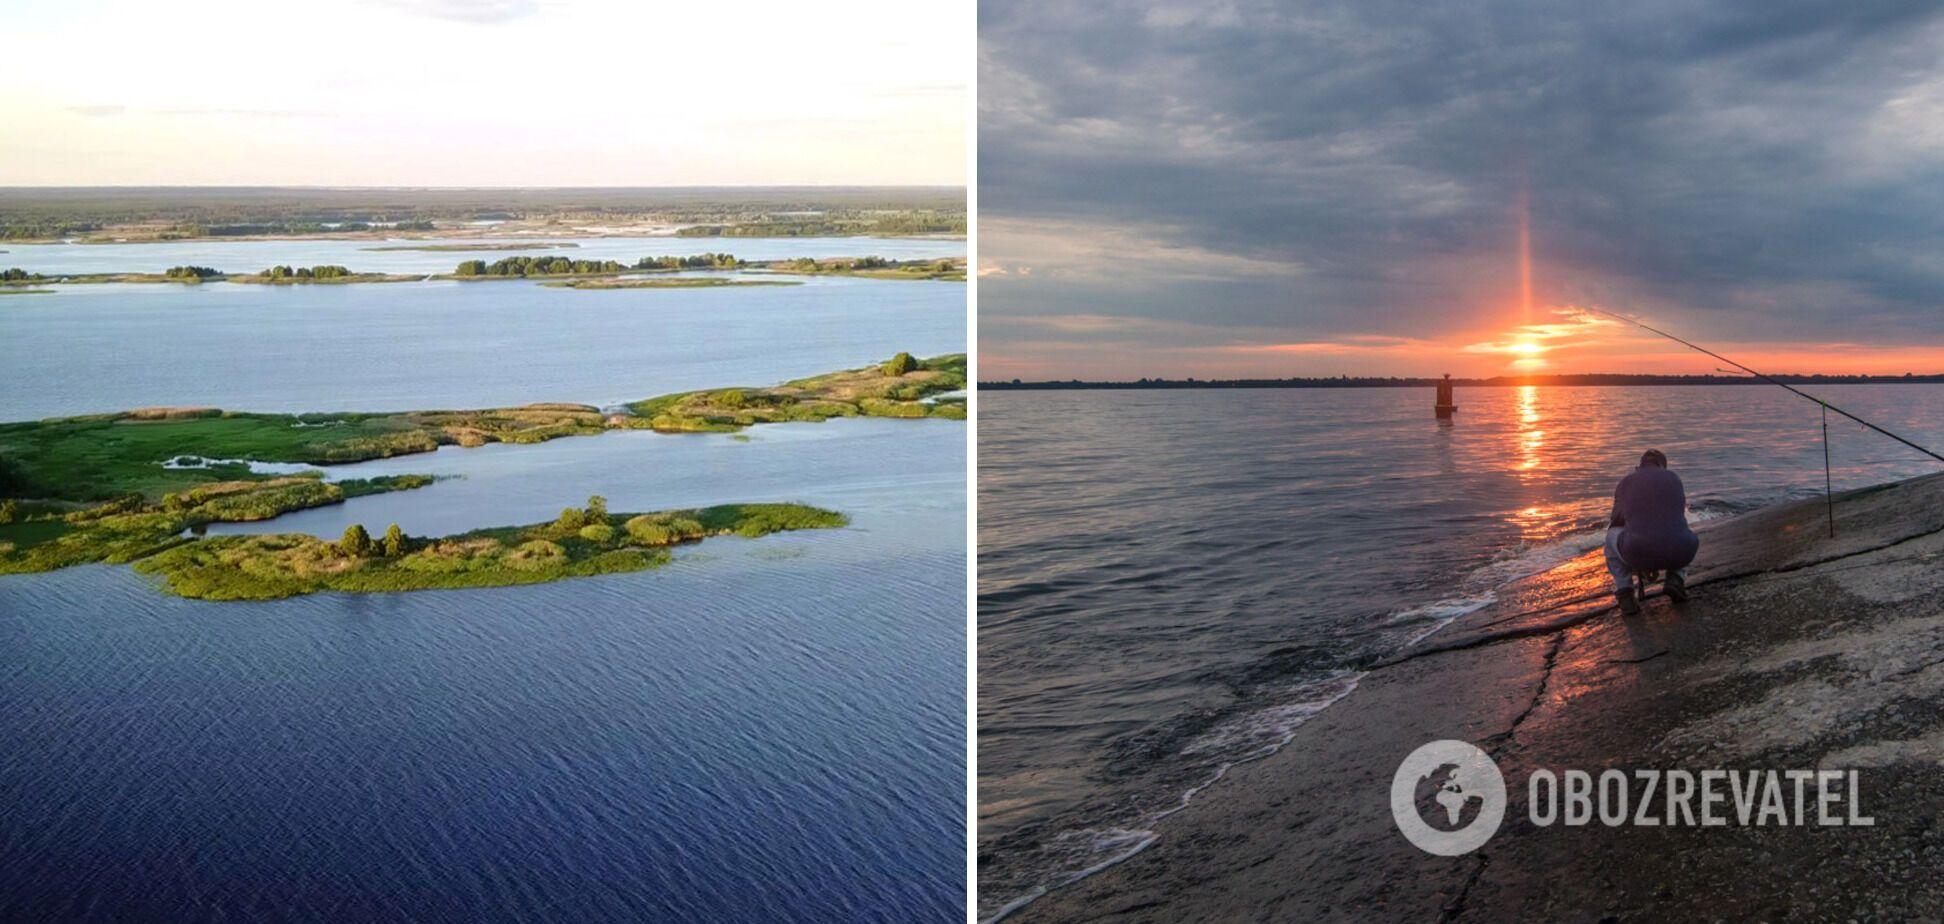 Київське водосховище відкриває неймовірні краєвиди